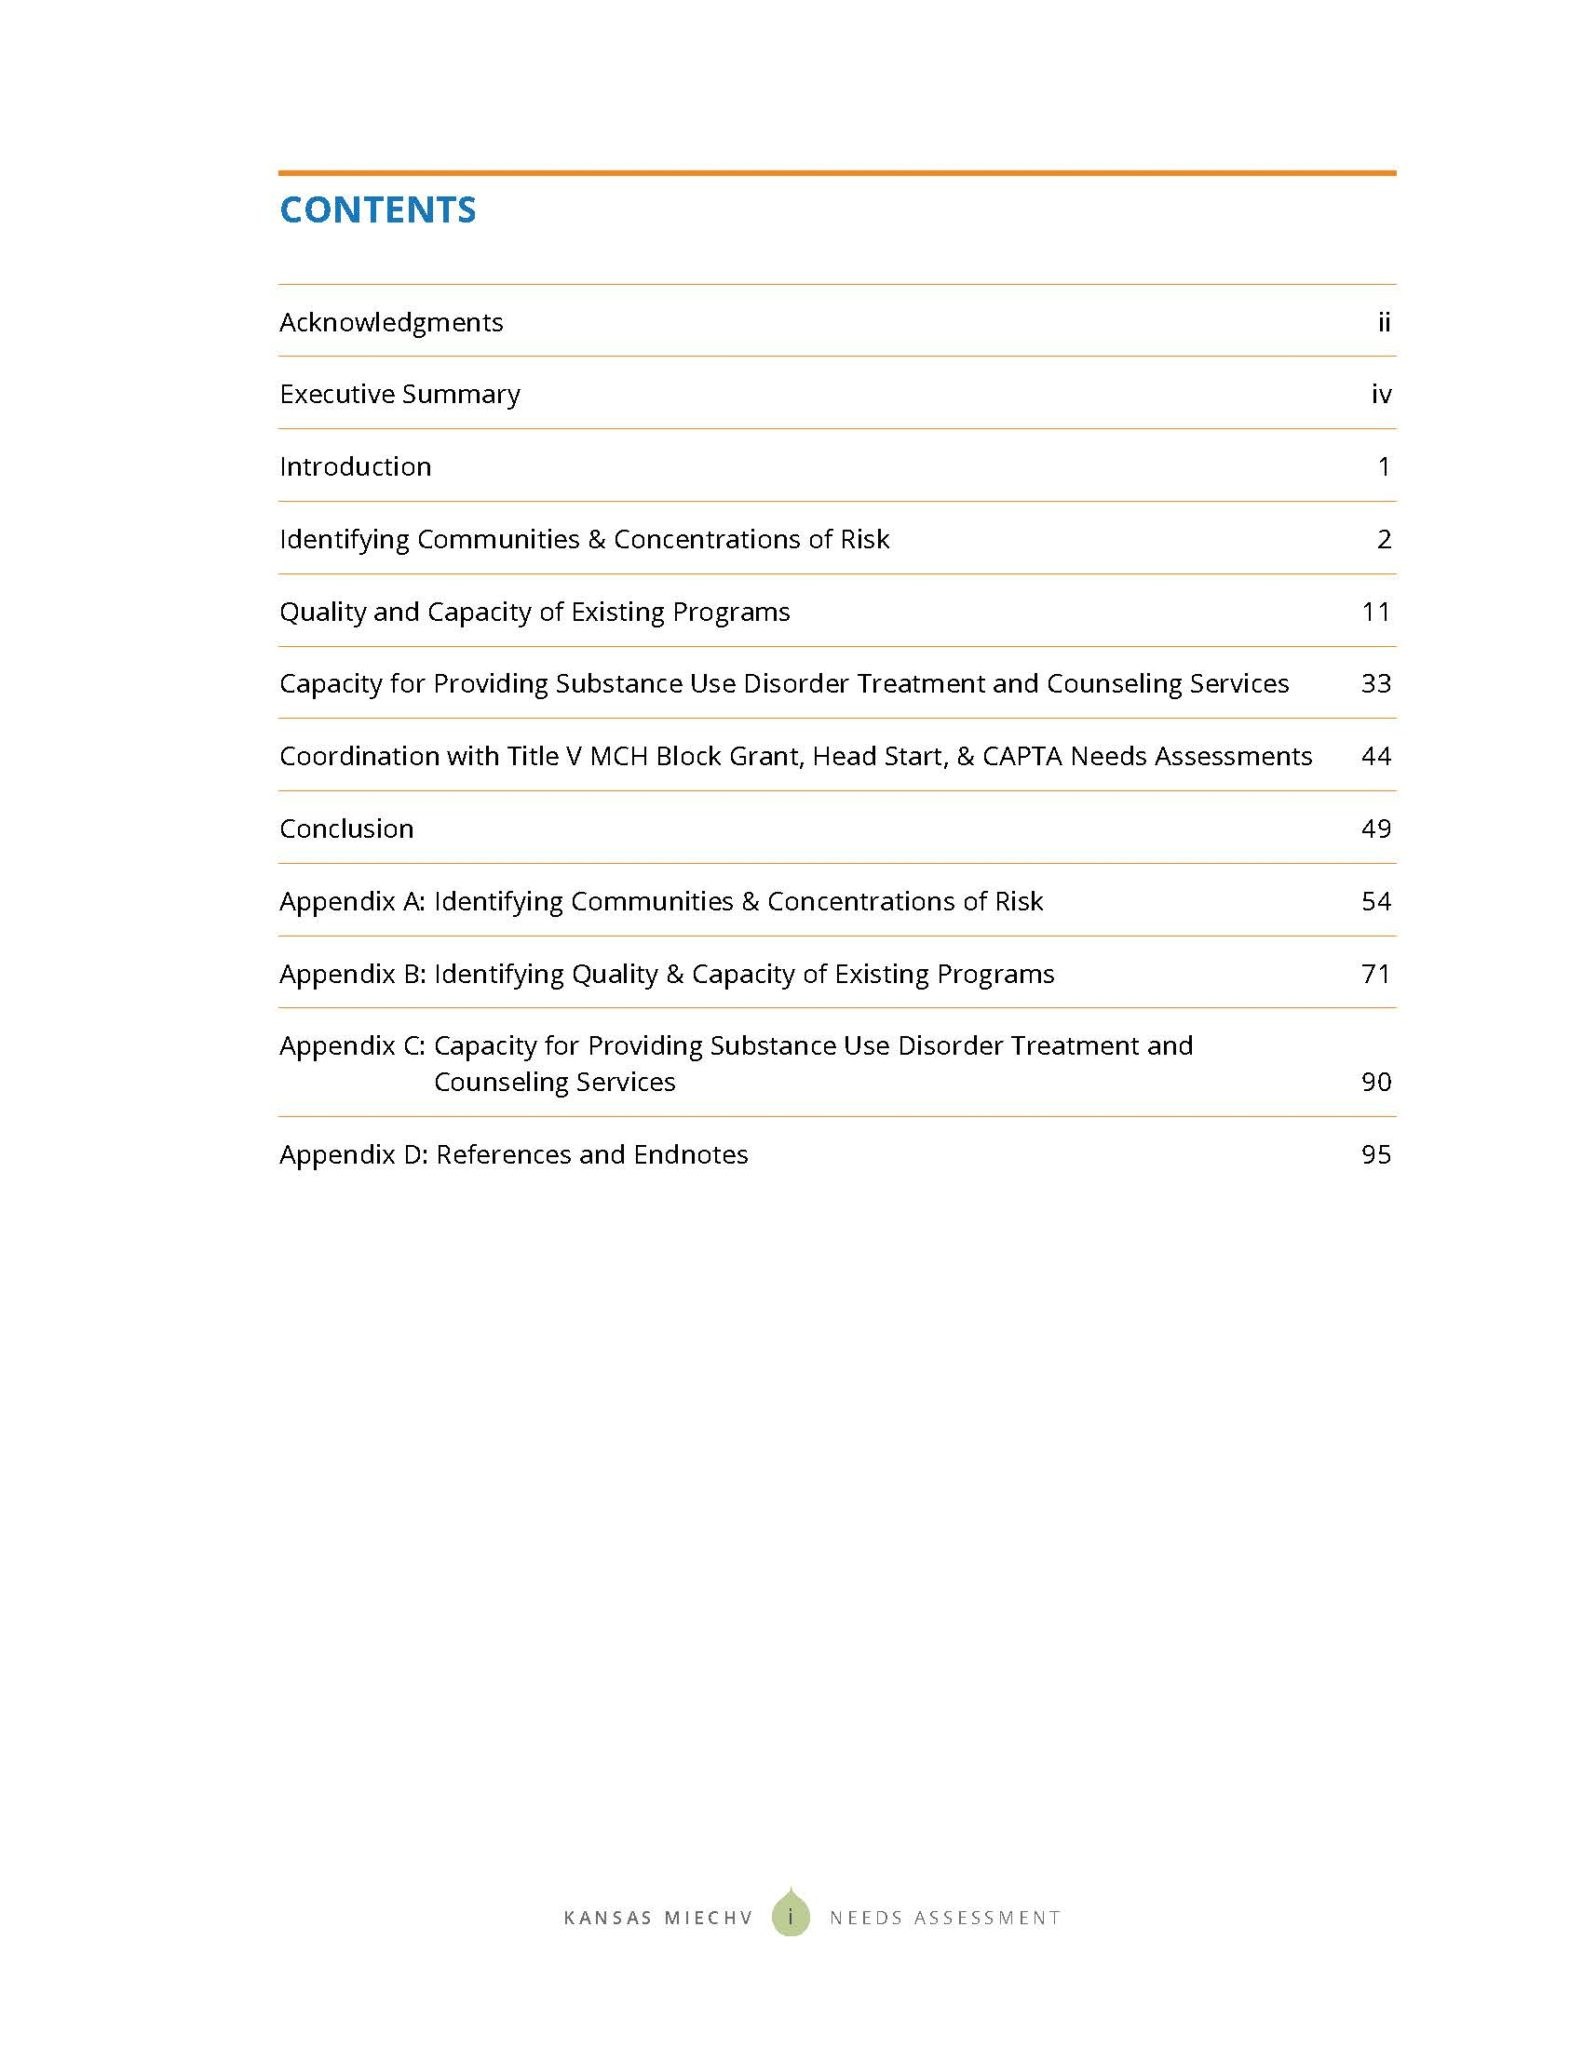 KS MIECHV 2020 Needs Assessment_DIGITAL_Page_002